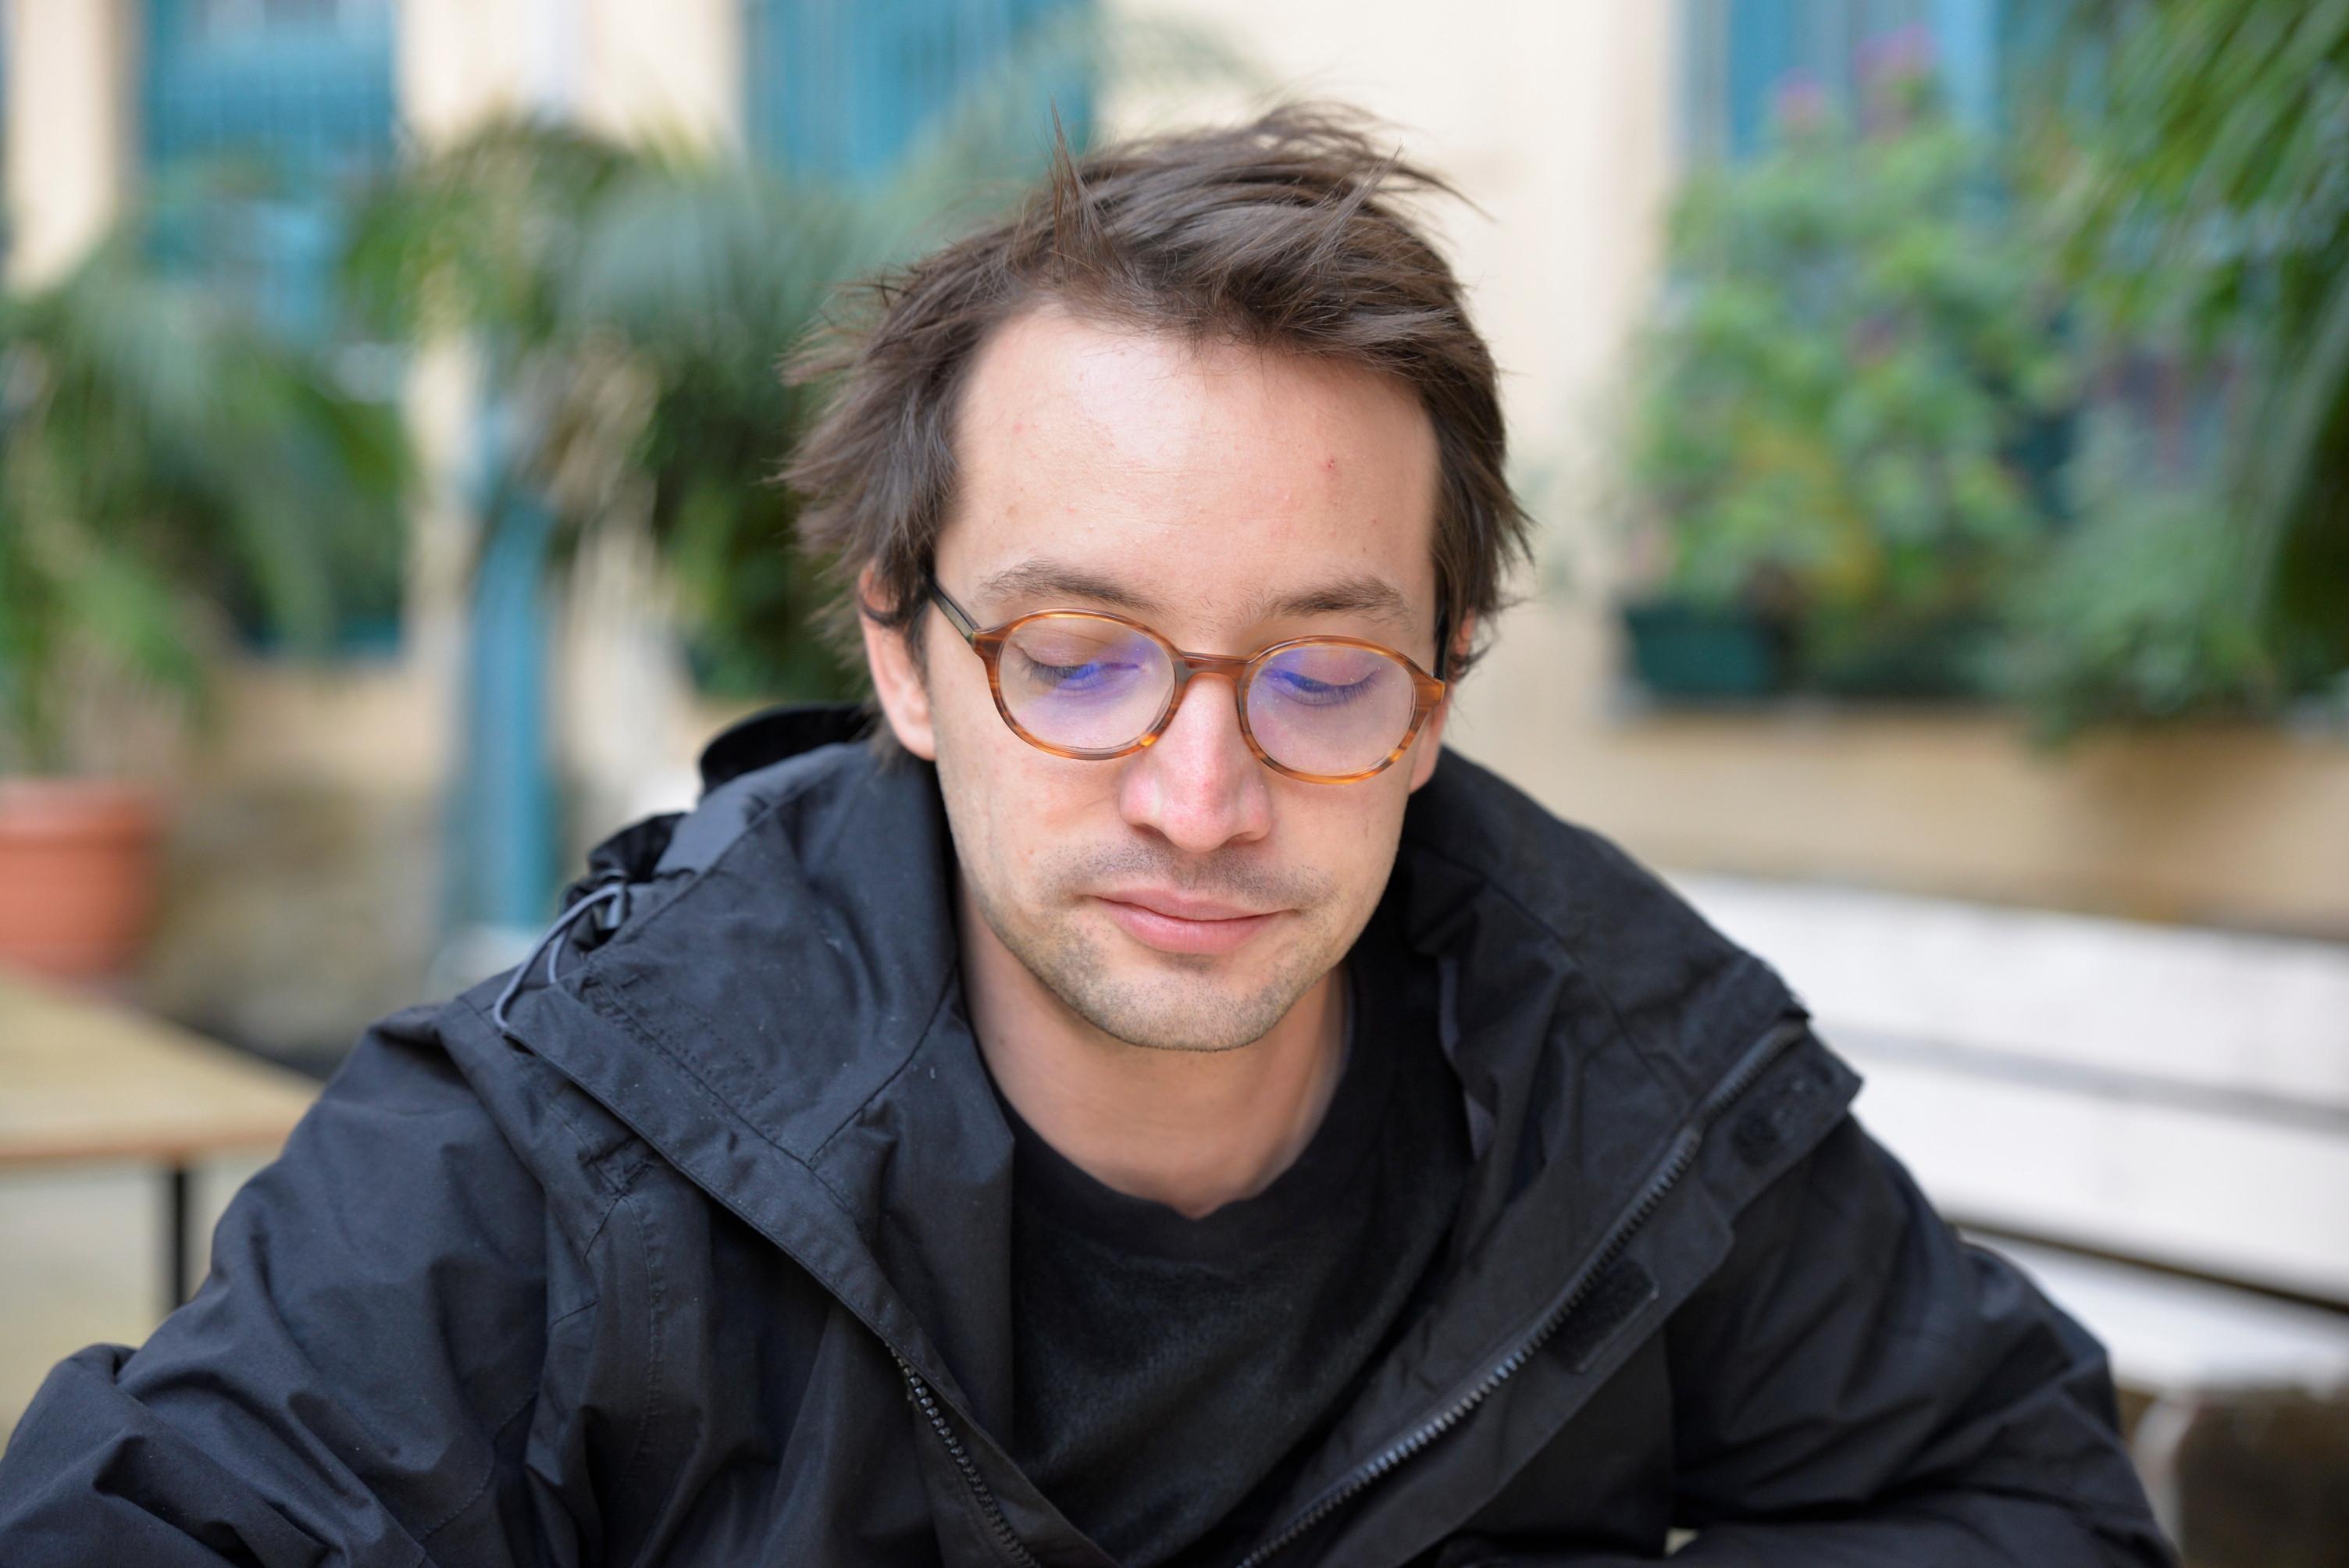 Atmoszférák, effektek, zajok - interjú Bartha Márkkal